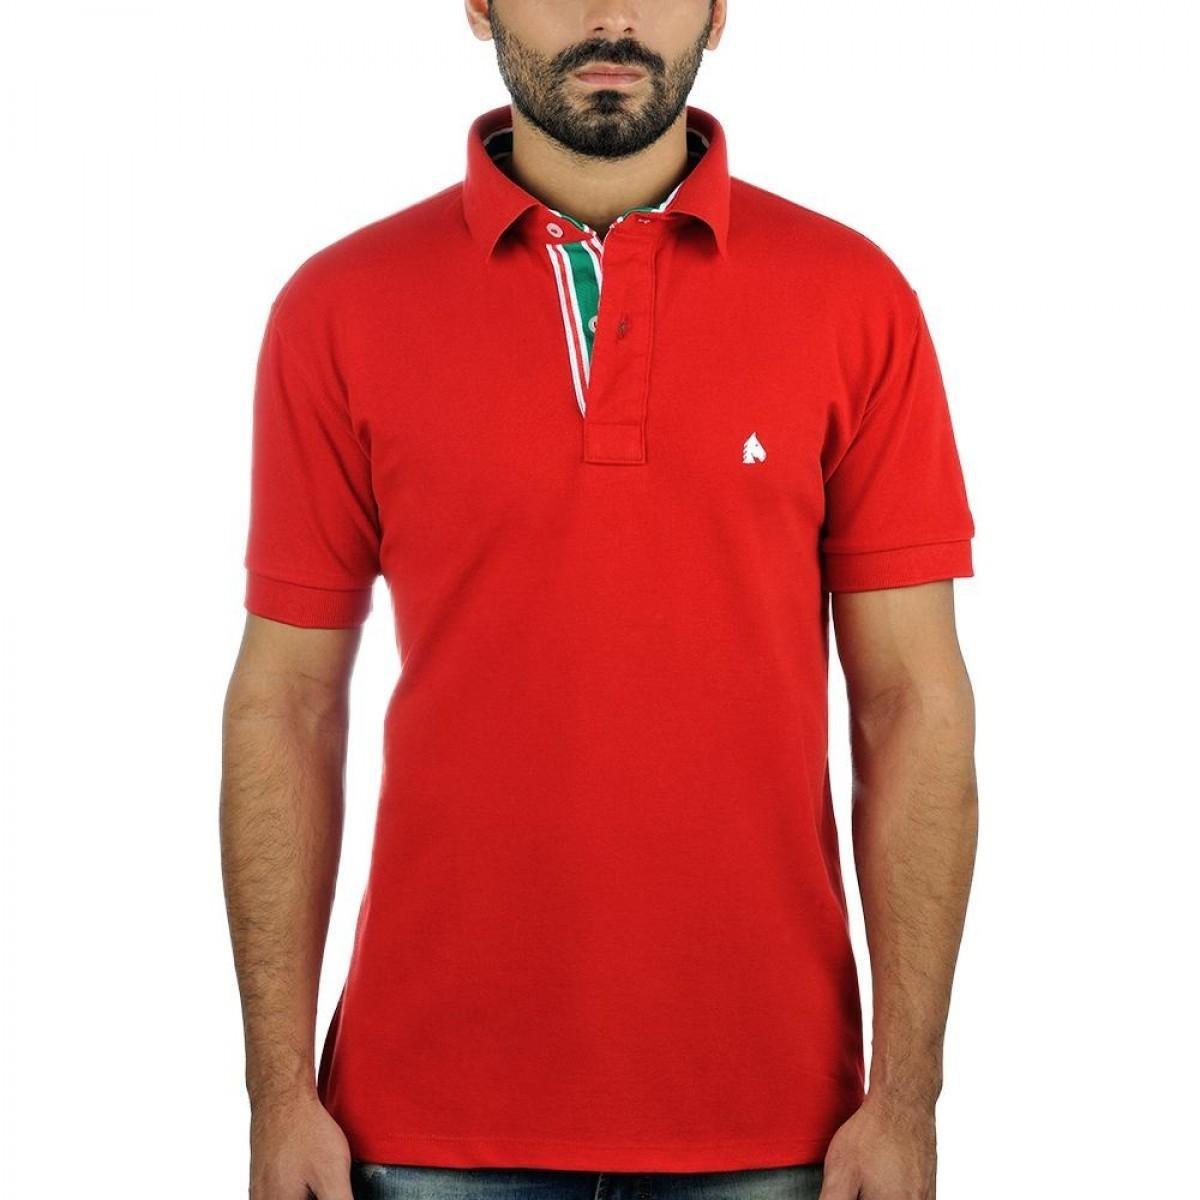 d4b6fc4c86e8e camiseta pólo masculina bf   ms vermelha cp018. Carregando zoom.